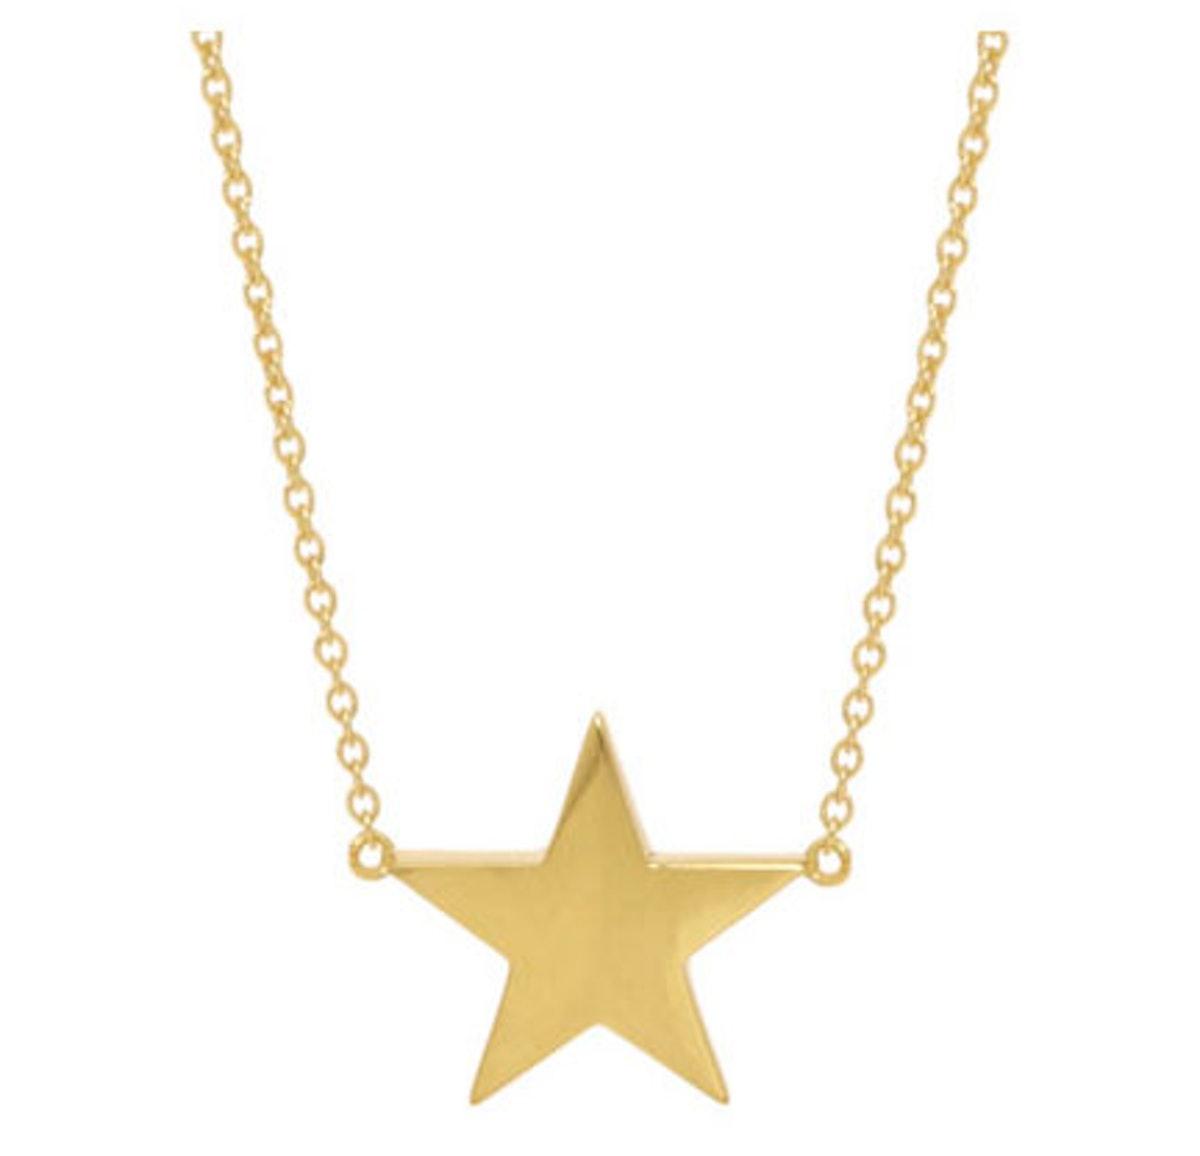 Jennifer Meyer Star Necklace